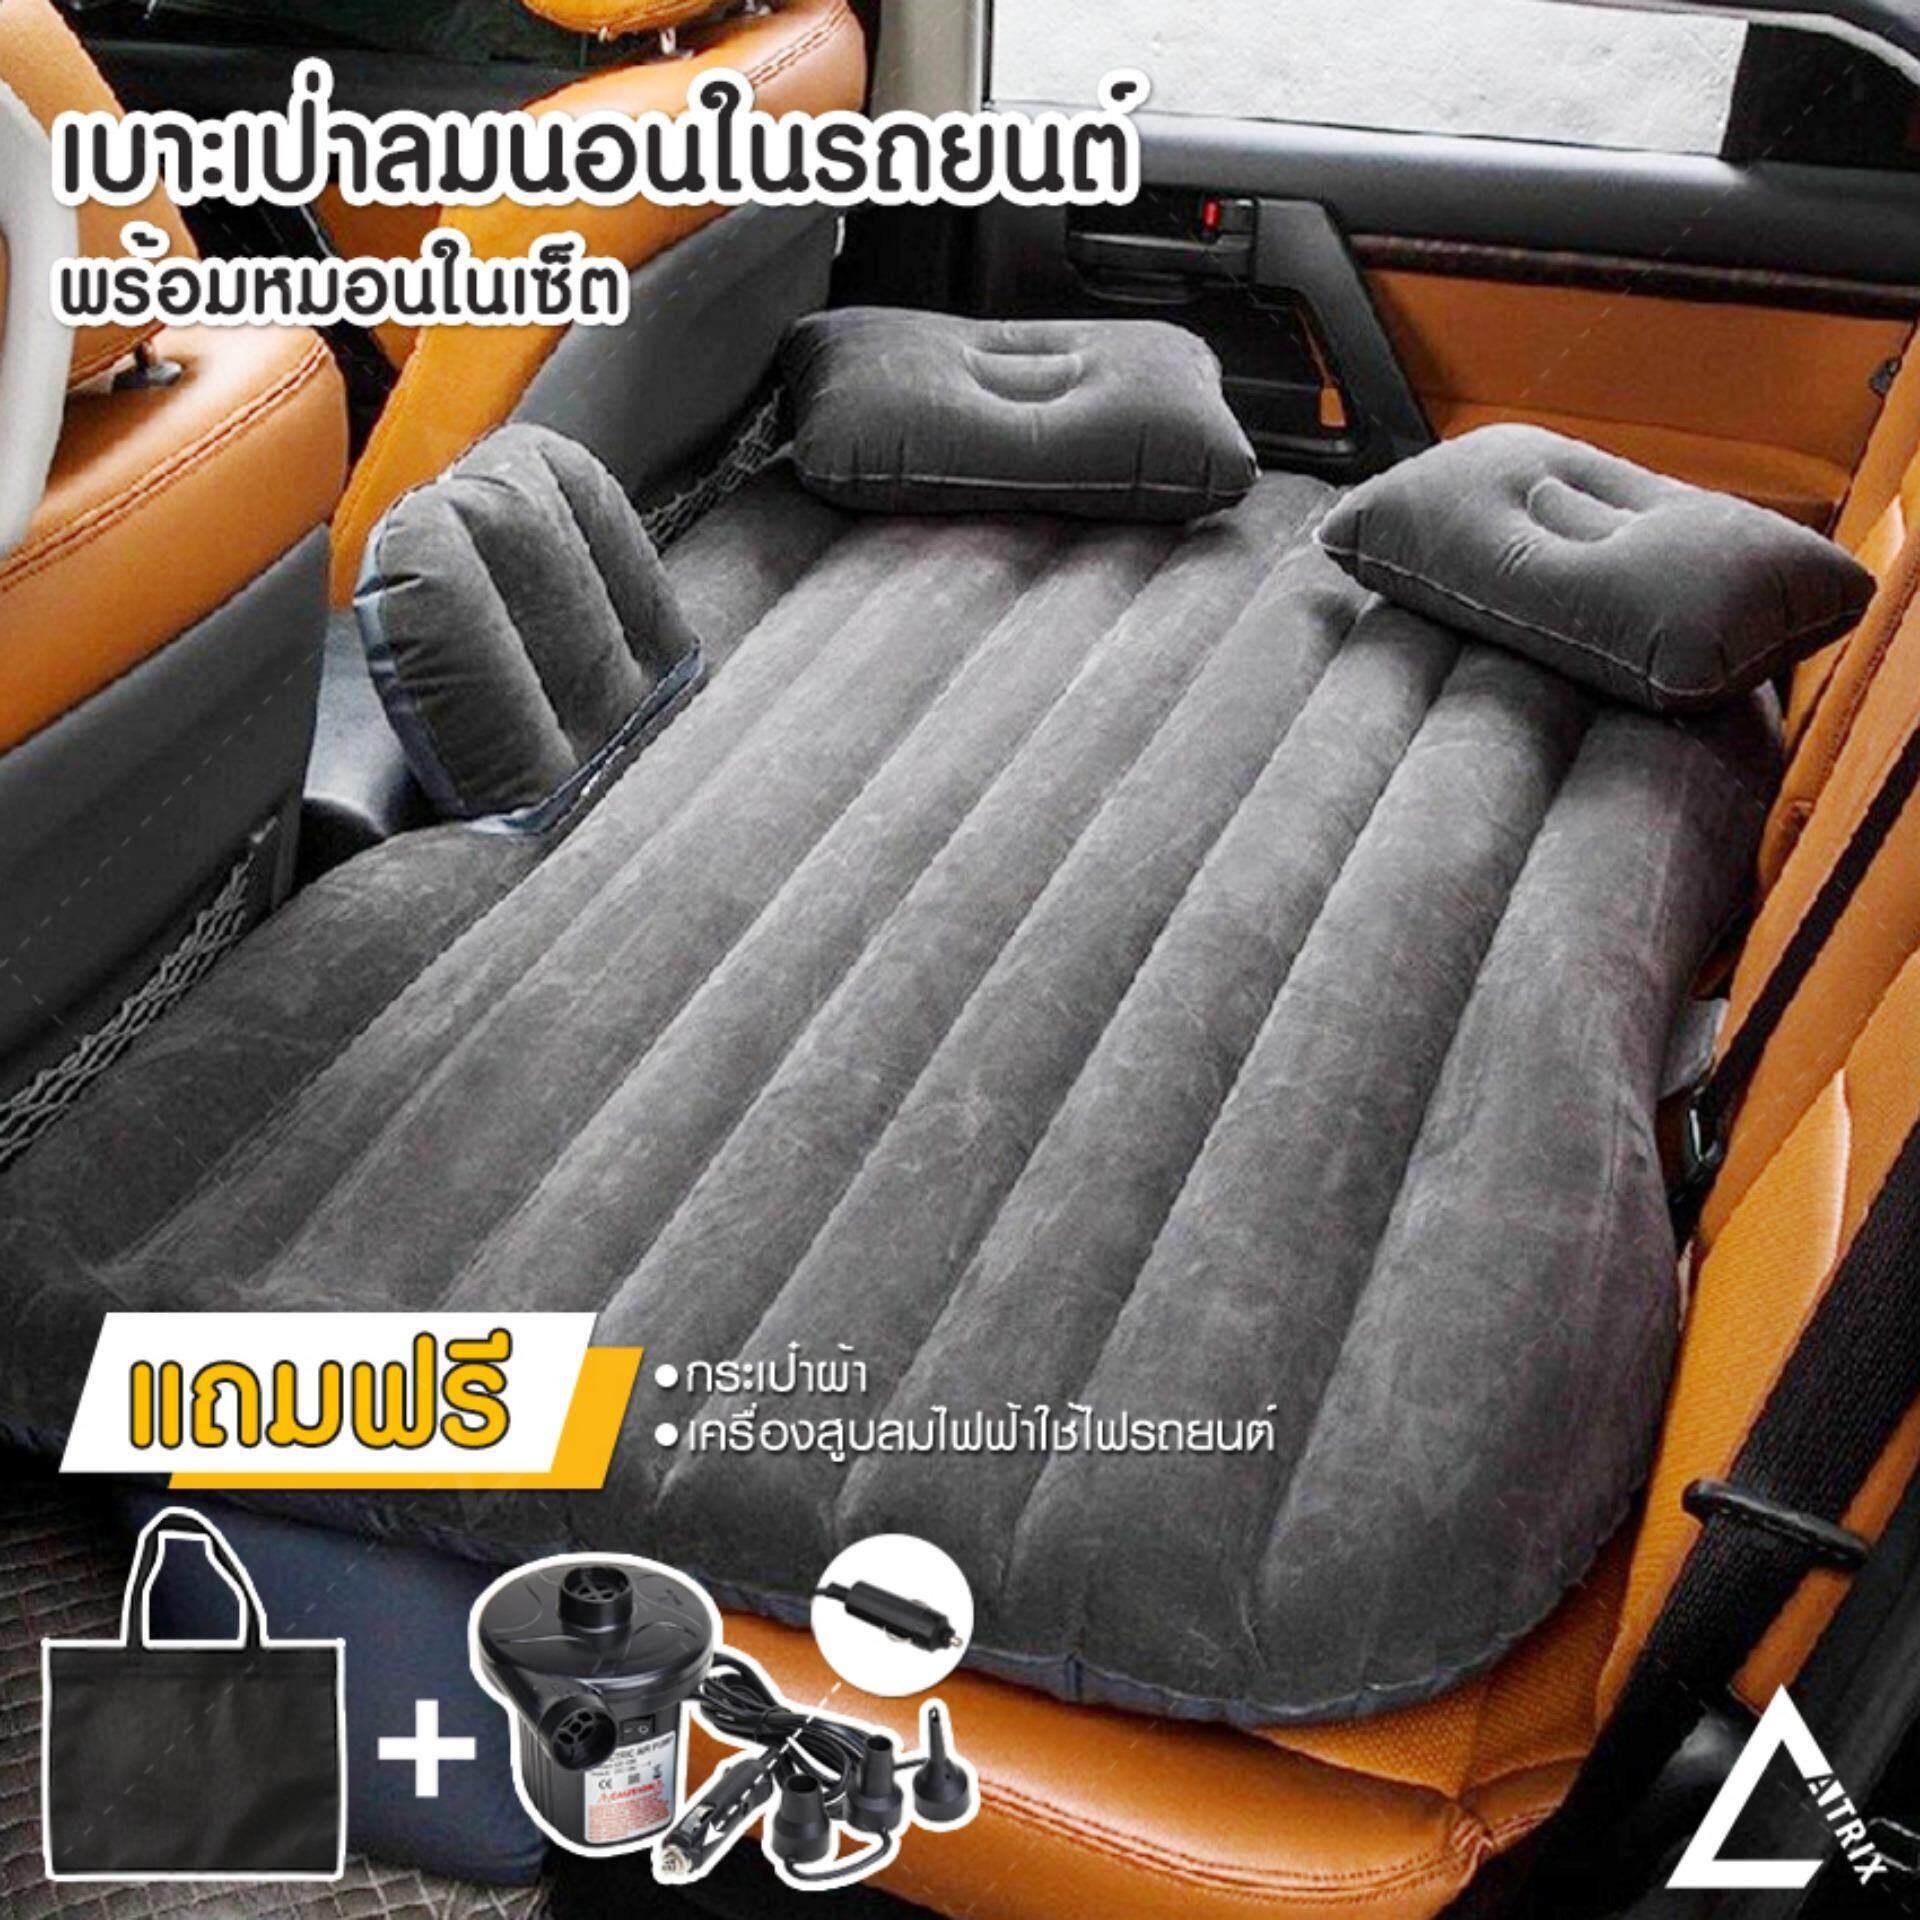 ขาย Atrix เบาะเป่าลมนอนในรถยนต์ ที่นอนในรถ Inflatable Bed In Car มีที่กันคอนโซลหน้า พื้นผิวกำมะหยี่นุ่มสบาย ทนทาน ยืดหยุ่นสูงใช้เป็นเบาะรองนั่งนอกสถานที่ เป็นแพลอยในน้ำได้ รุ่น Kds 0009 สีดำ Black แถมฟรีเครื่องเป่าลมในรถ Atrix เป็นต้นฉบับ